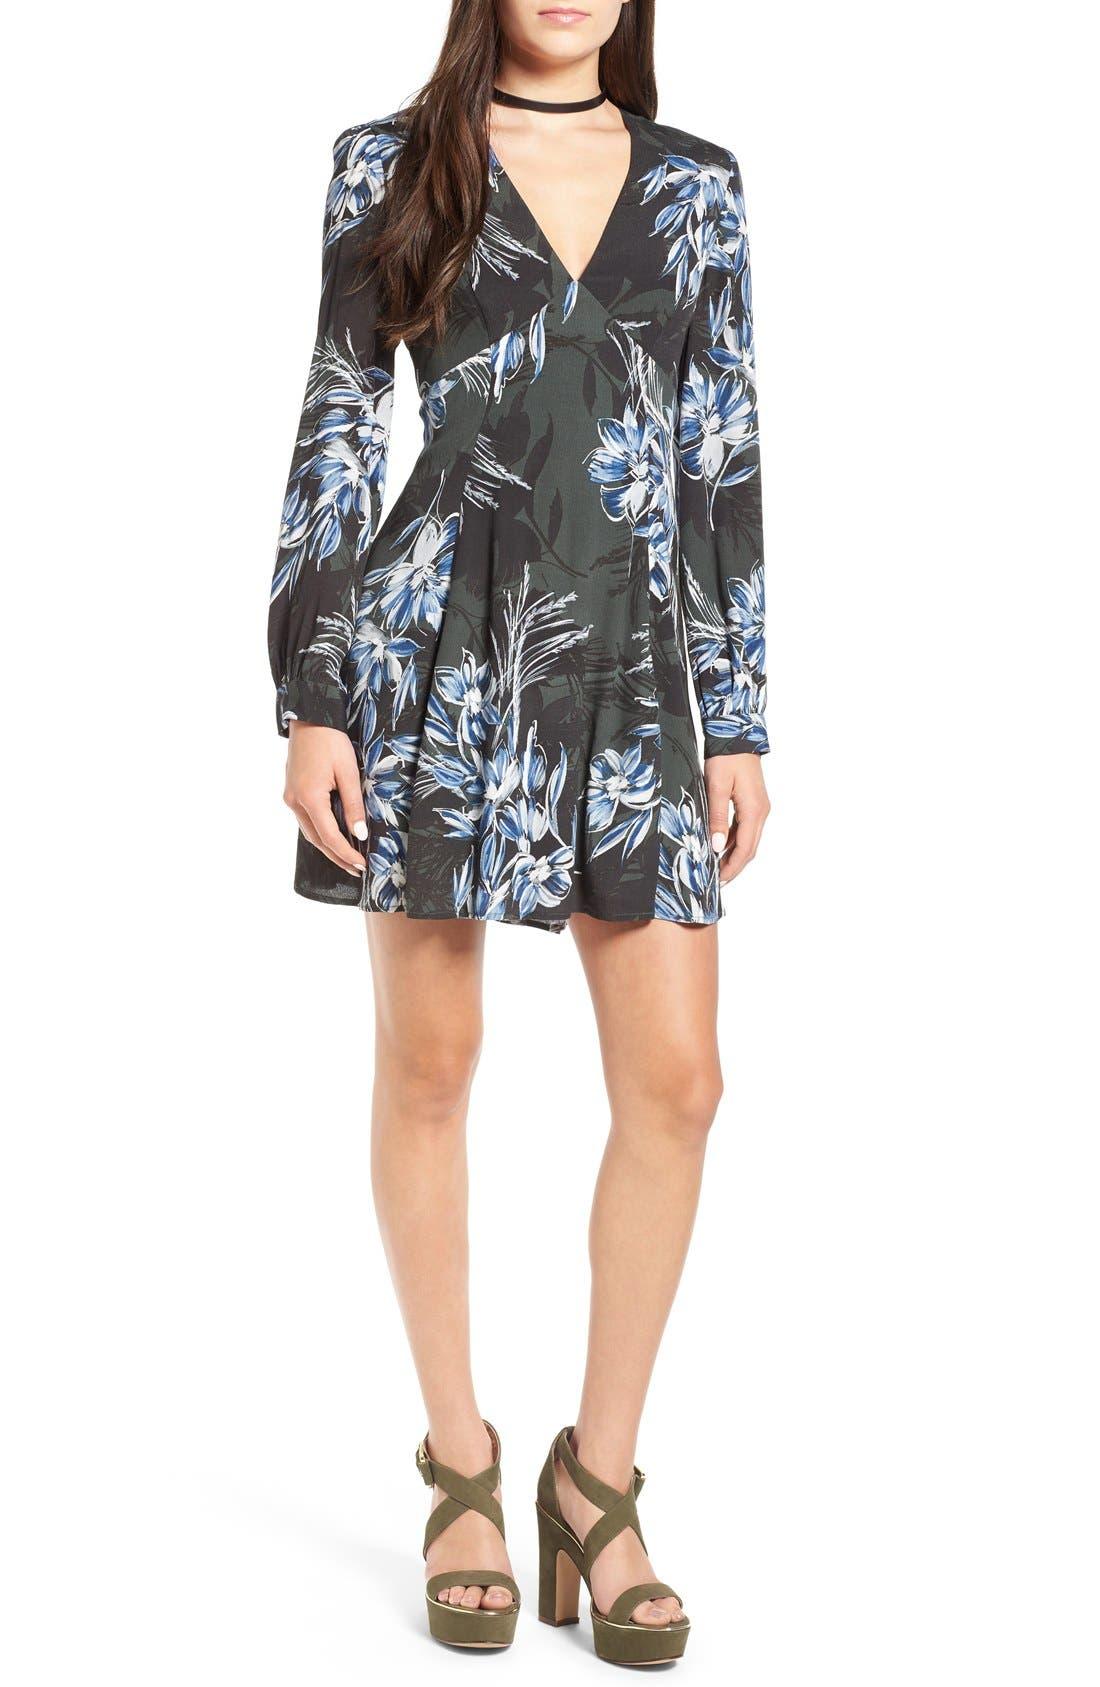 Alternate Image 1 Selected - ASTR 'Mabel' Fit & Flare Dress